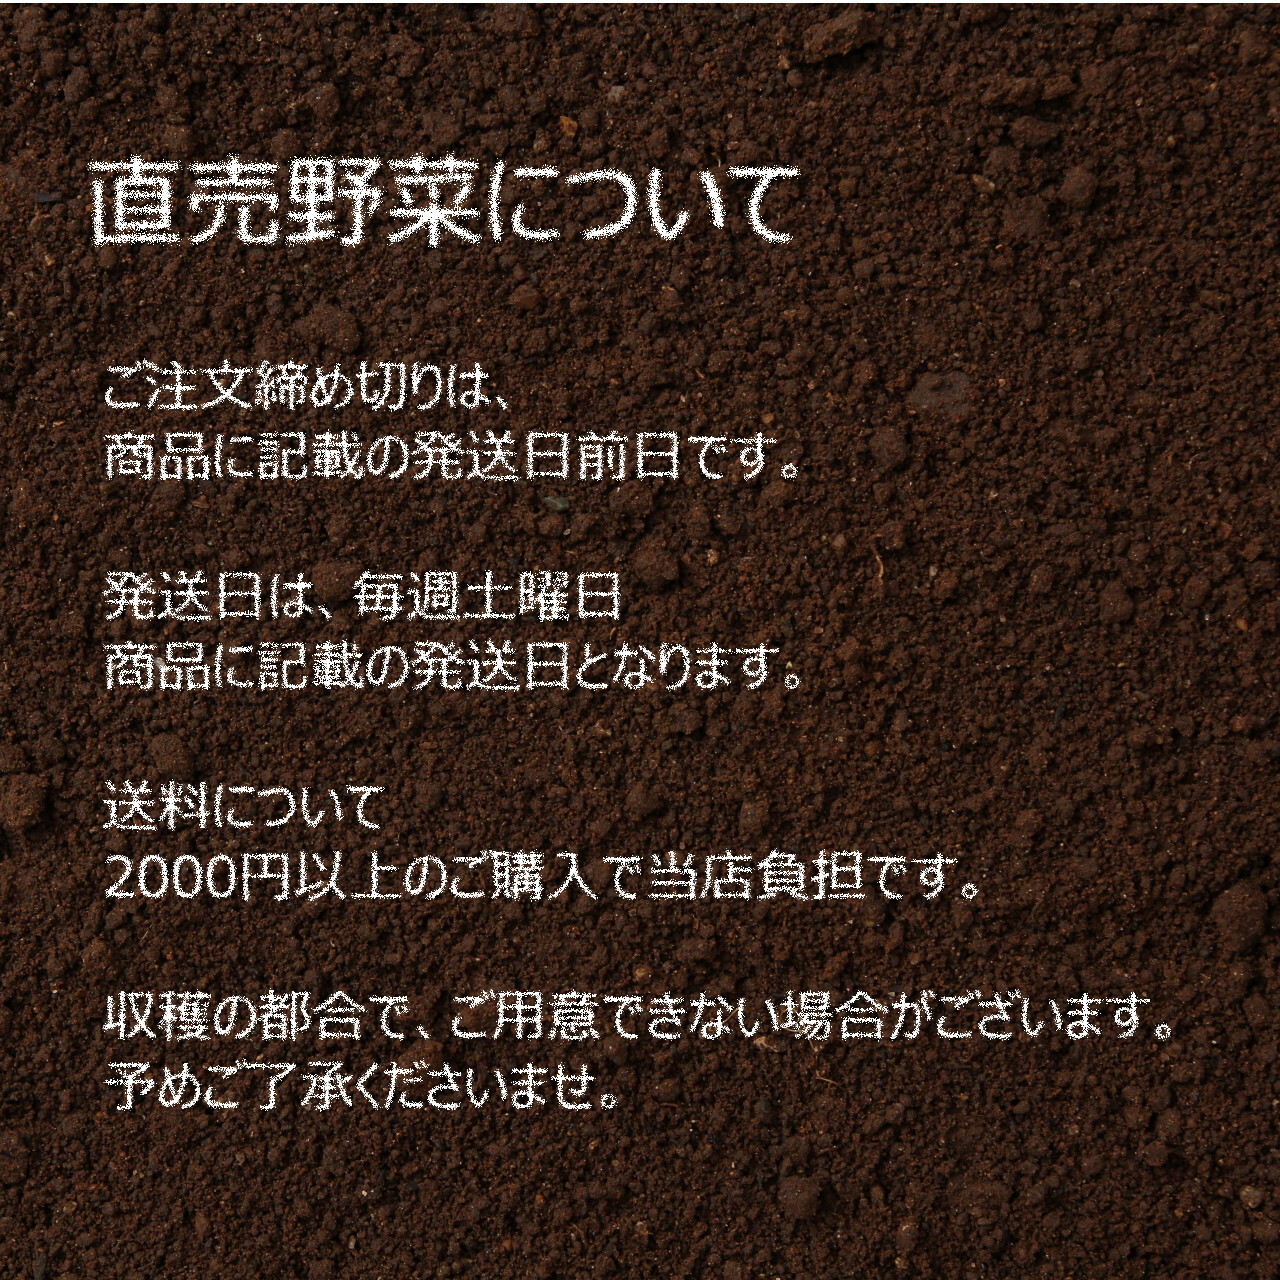 11月の朝採り直売野菜 : 食用菊 約250g 新鮮な冬野菜 11月23日発送予定